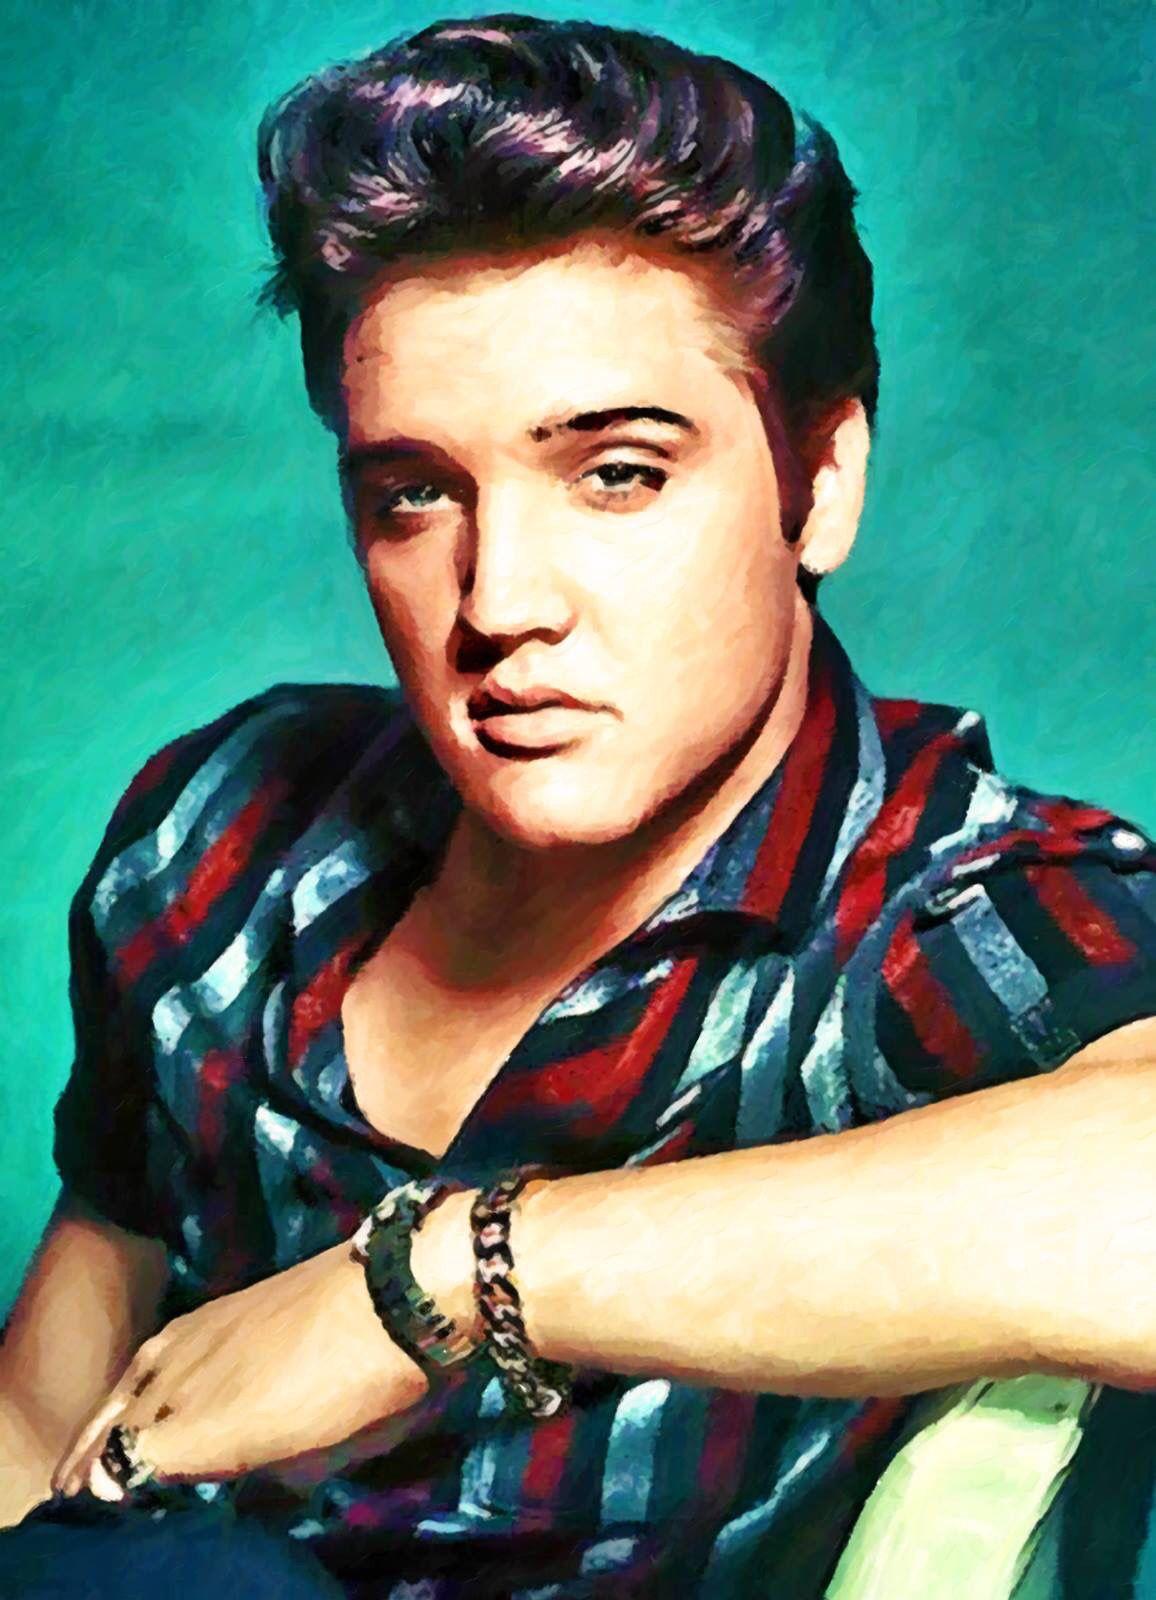 Elvis Presley  Artist:  Don Biggs